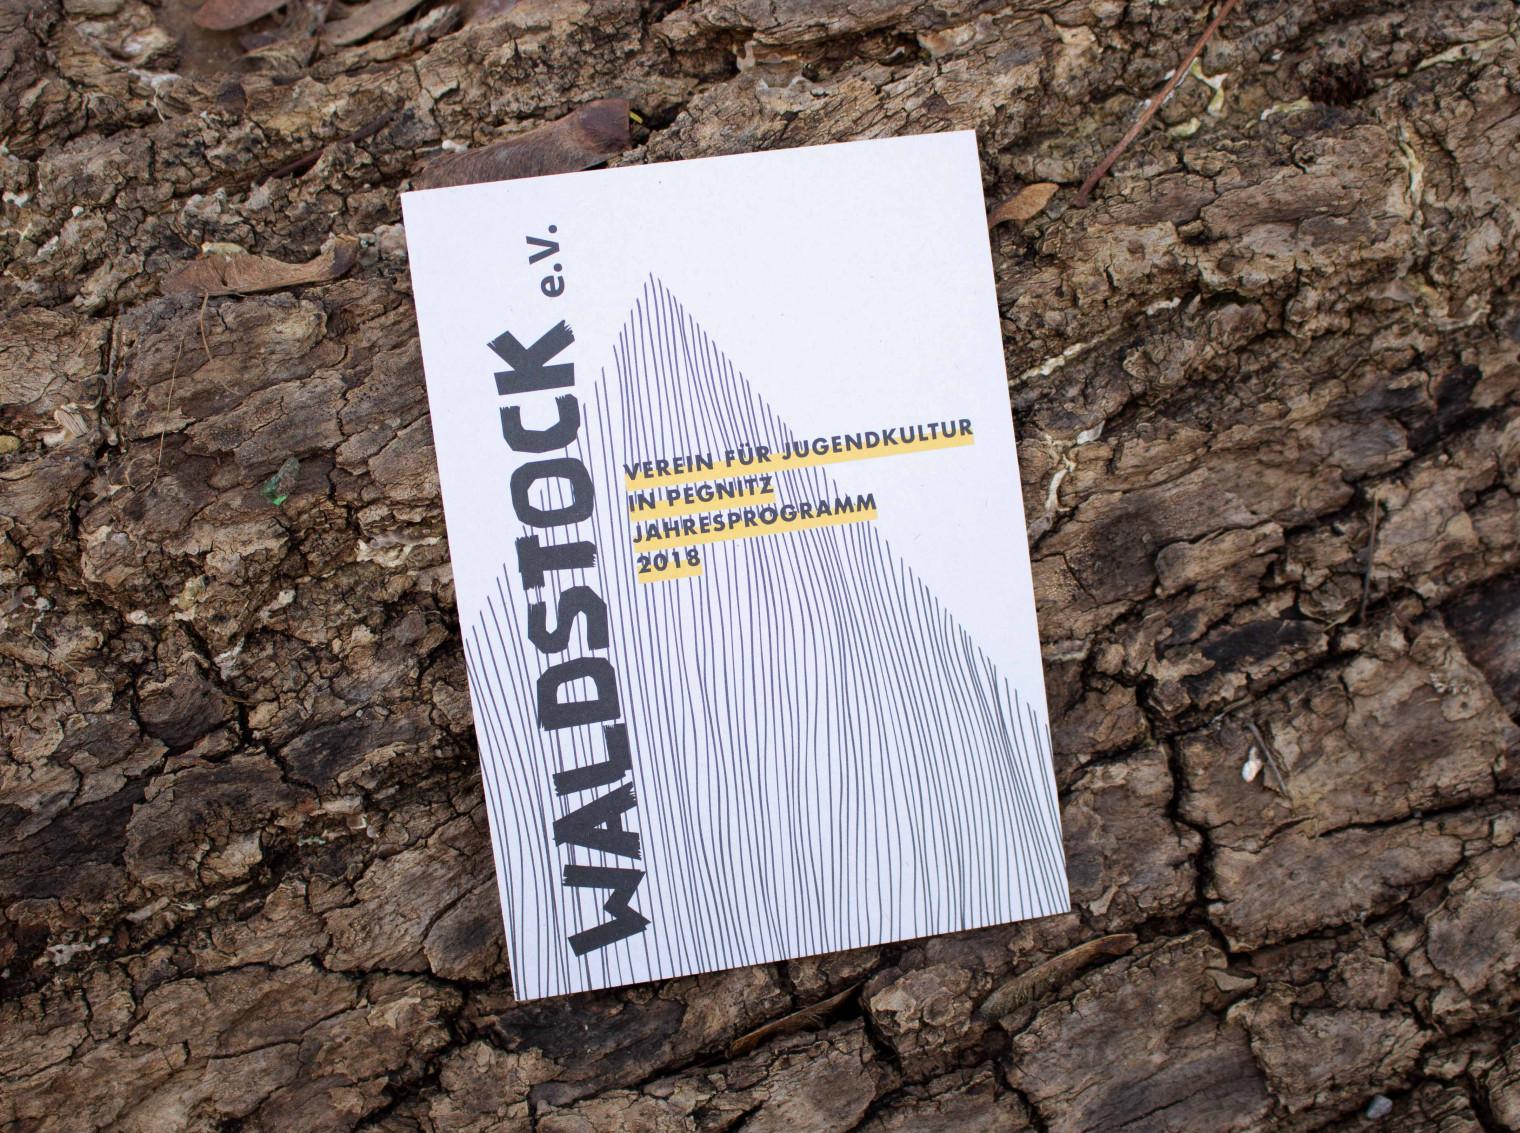 Das Jahresprogramm des Waldstock-Vereins liegt auf einem Baumstamm.